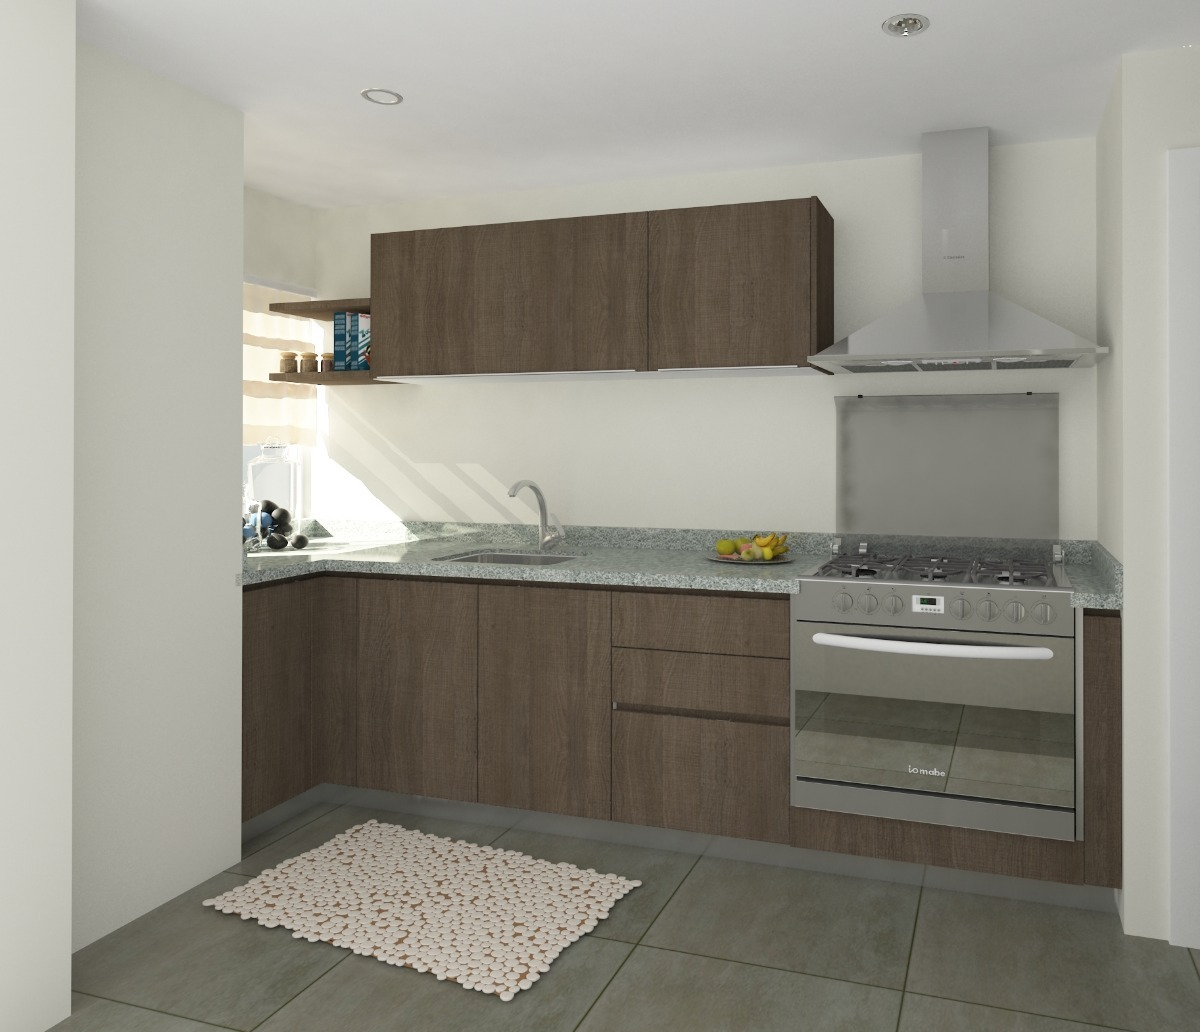 Increíble Diseñadores De Cocinas Danbury Ct Regalo - Ideas de ...